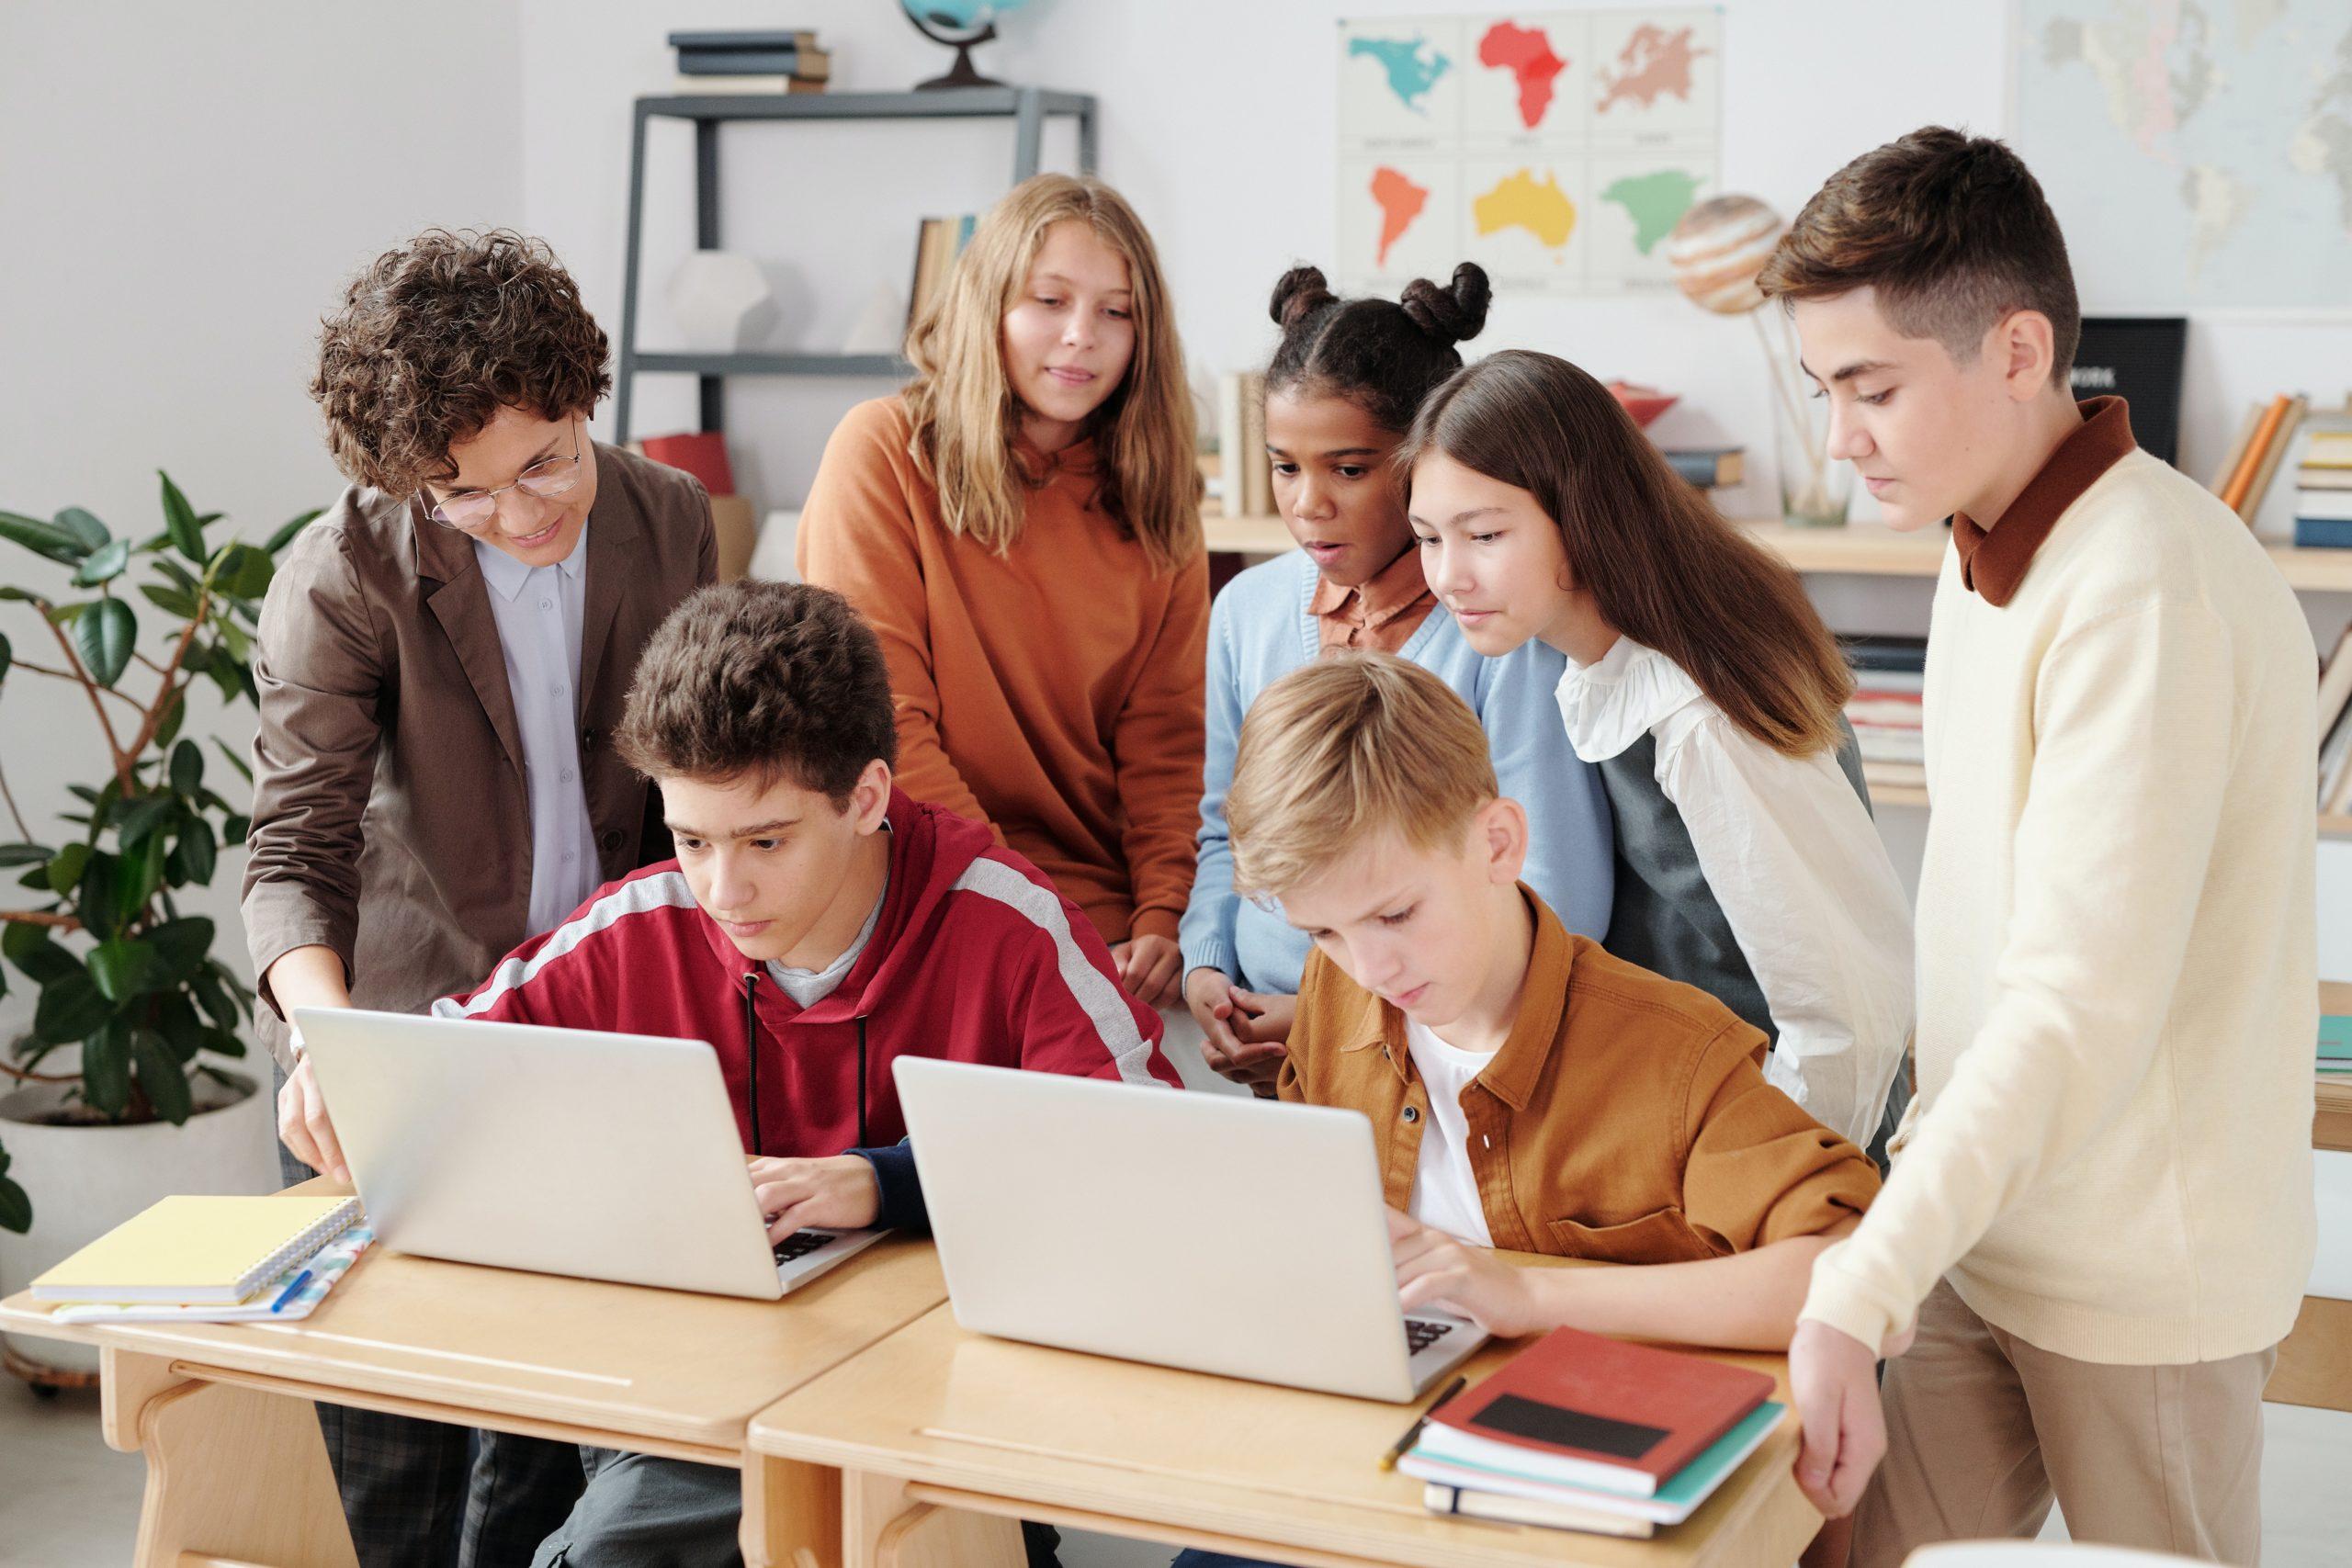 Aprender a utilizar las TICs en clase también es una forma de hacer que se puedan organizar y que cada uno se especialice en aquello en lo que destaca.